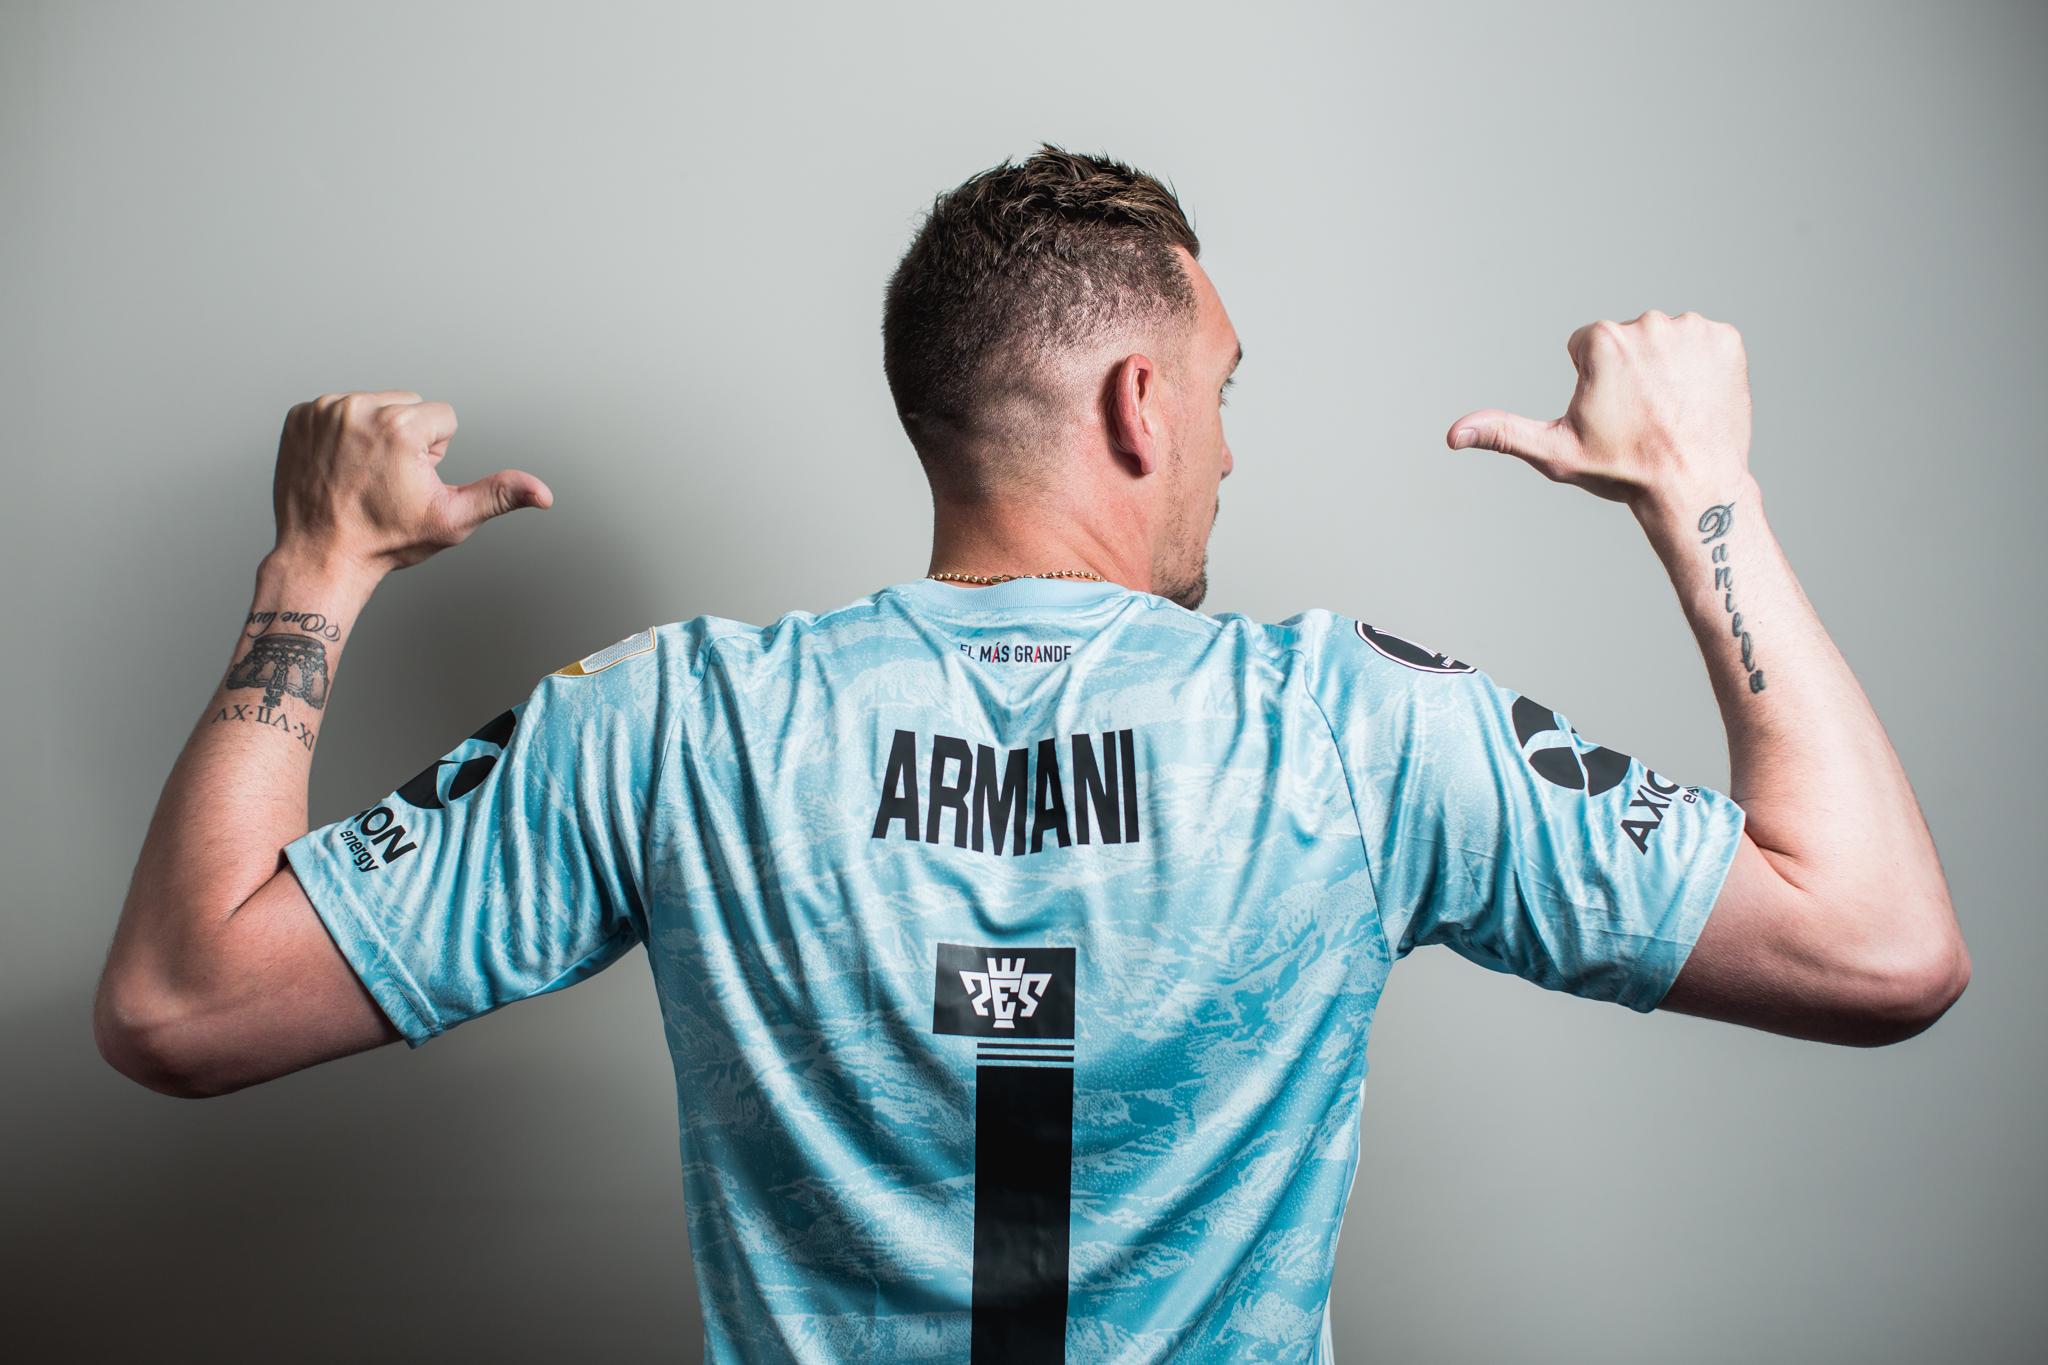 Armani - River Plate